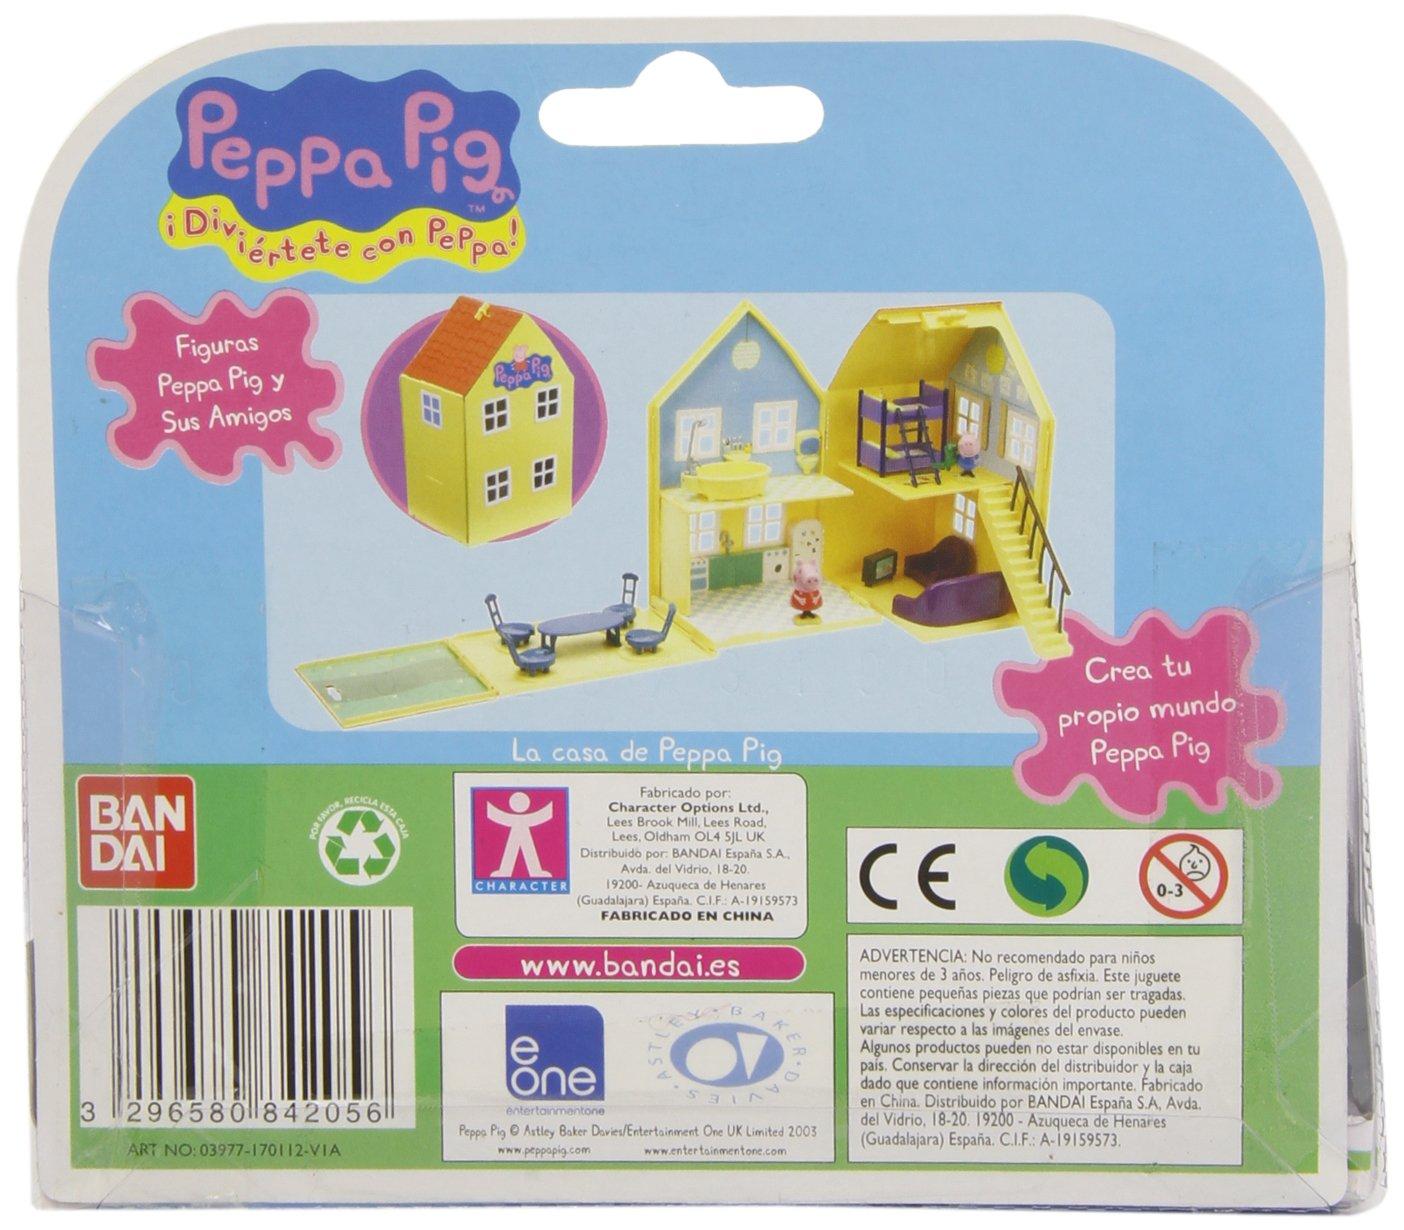 Peppa Pig 84205 - Peppa Y Su Amigo (surtido: varios modelos): Amazon.es: Juguetes y juegos